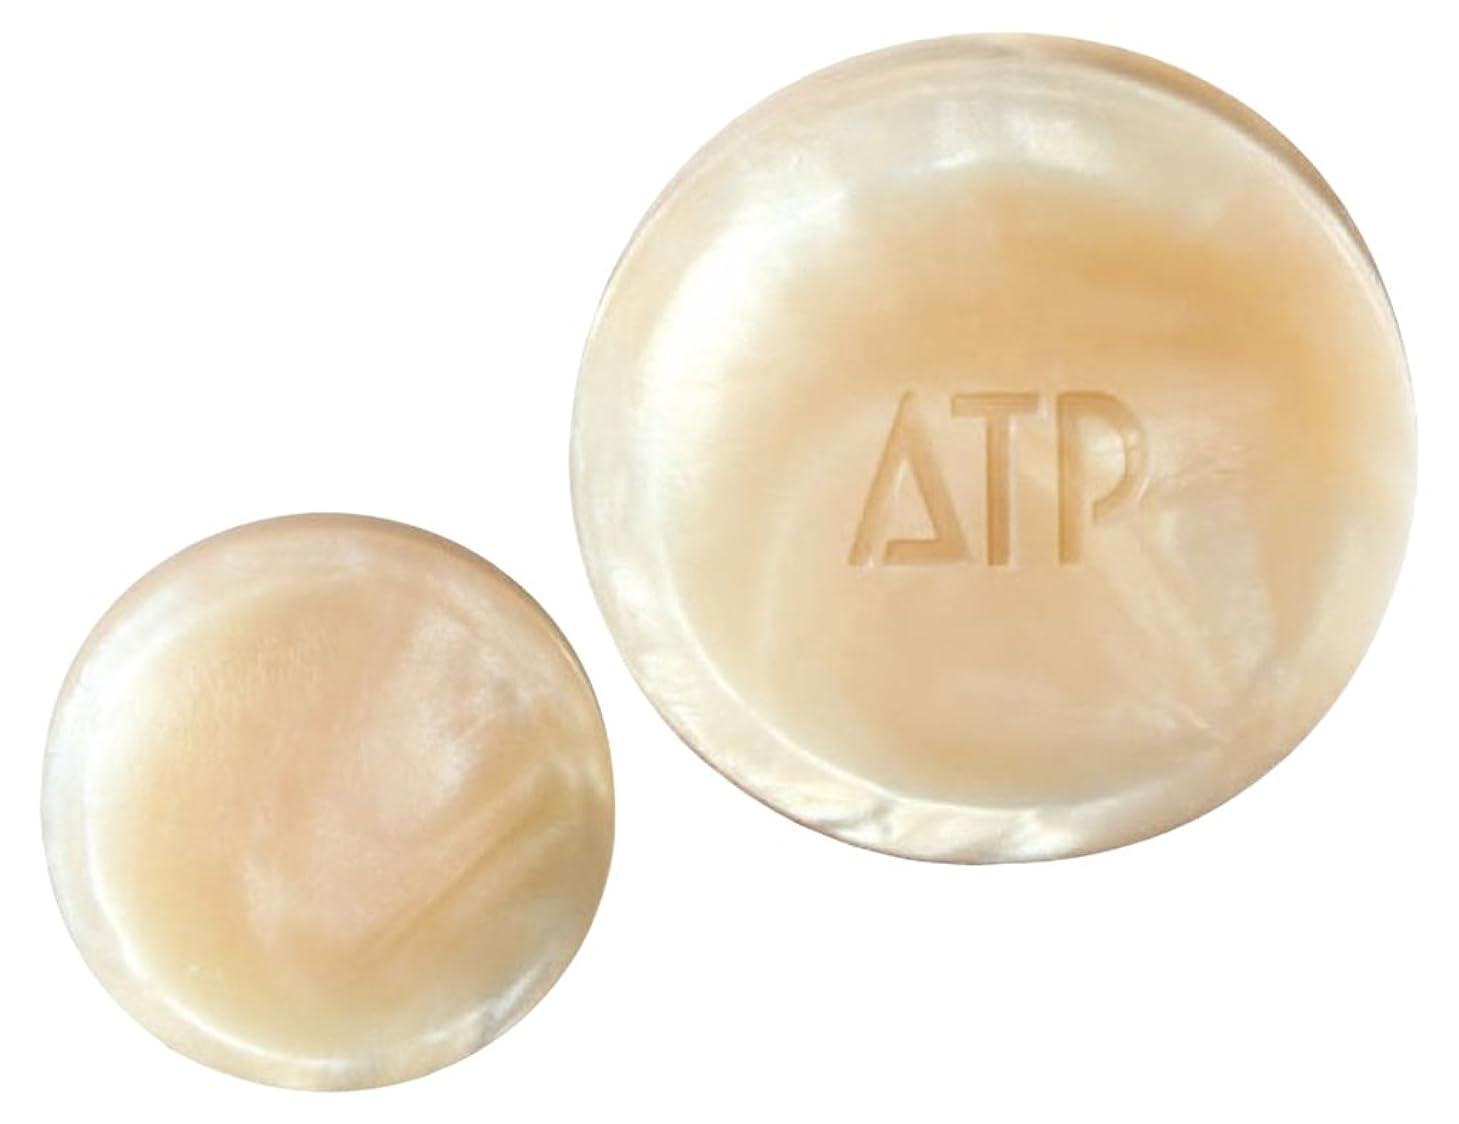 世界記録のギネスブックアンドリューハリディ後退する薬用ATP デリケアソープ 30g (全身用洗浄石けん?枠練り) [医薬部外品]